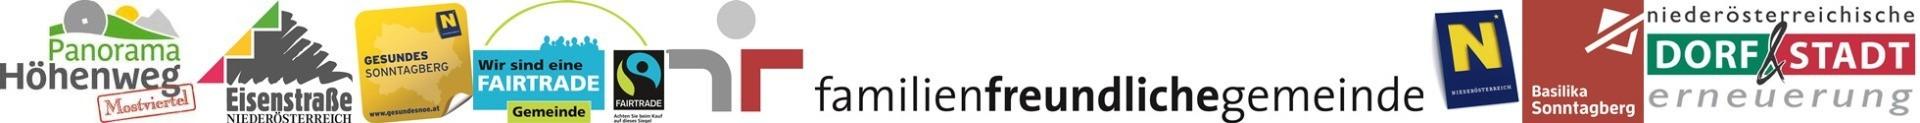 Logoleiste Feb 2017.jpg